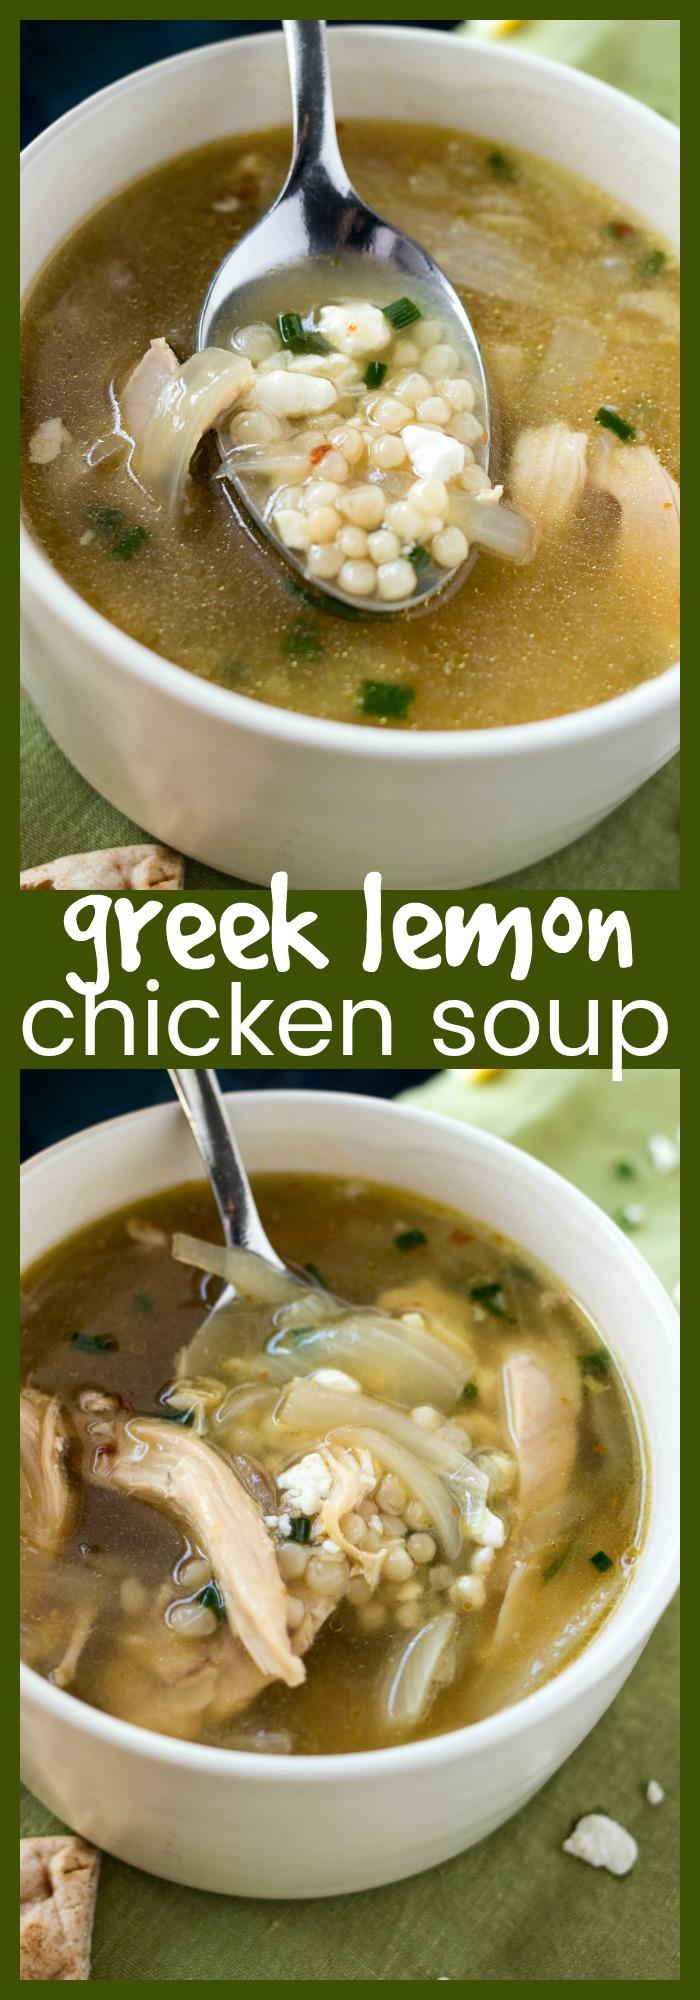 Greek Lemon Chicken Soup photo collage